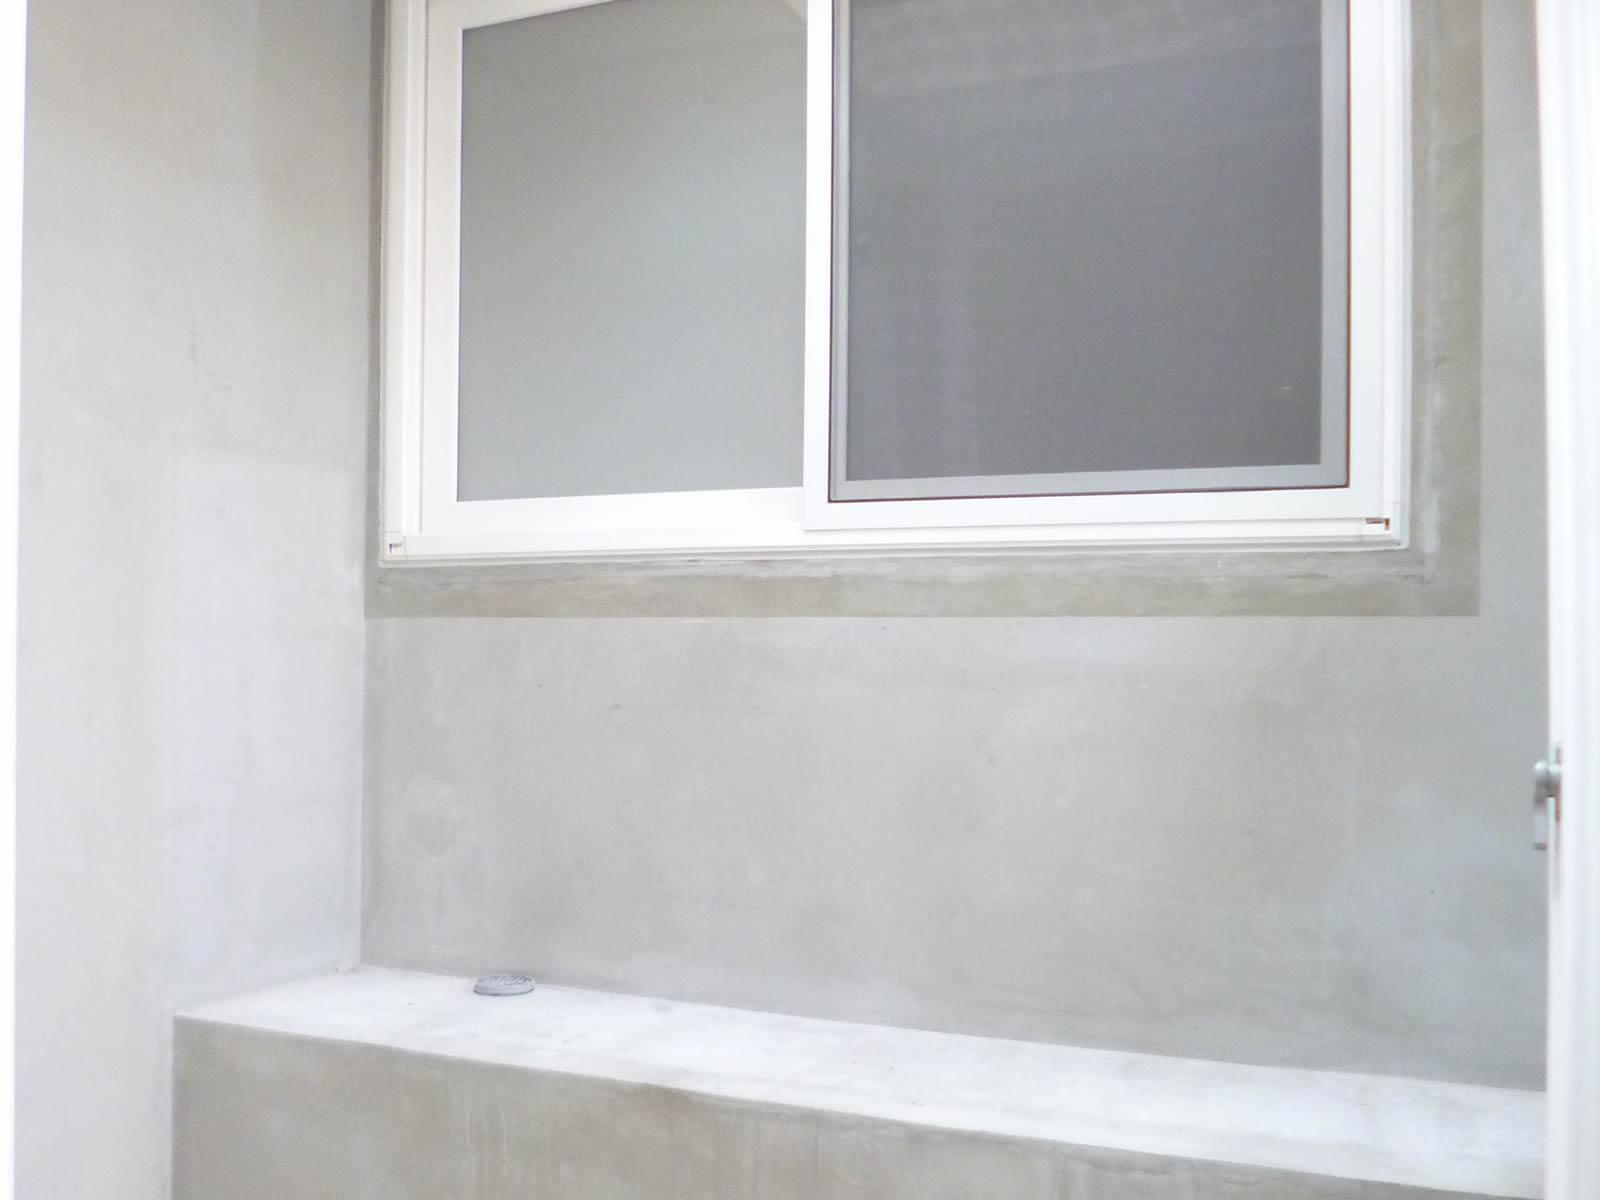 天窓付の室内洗濯干場有